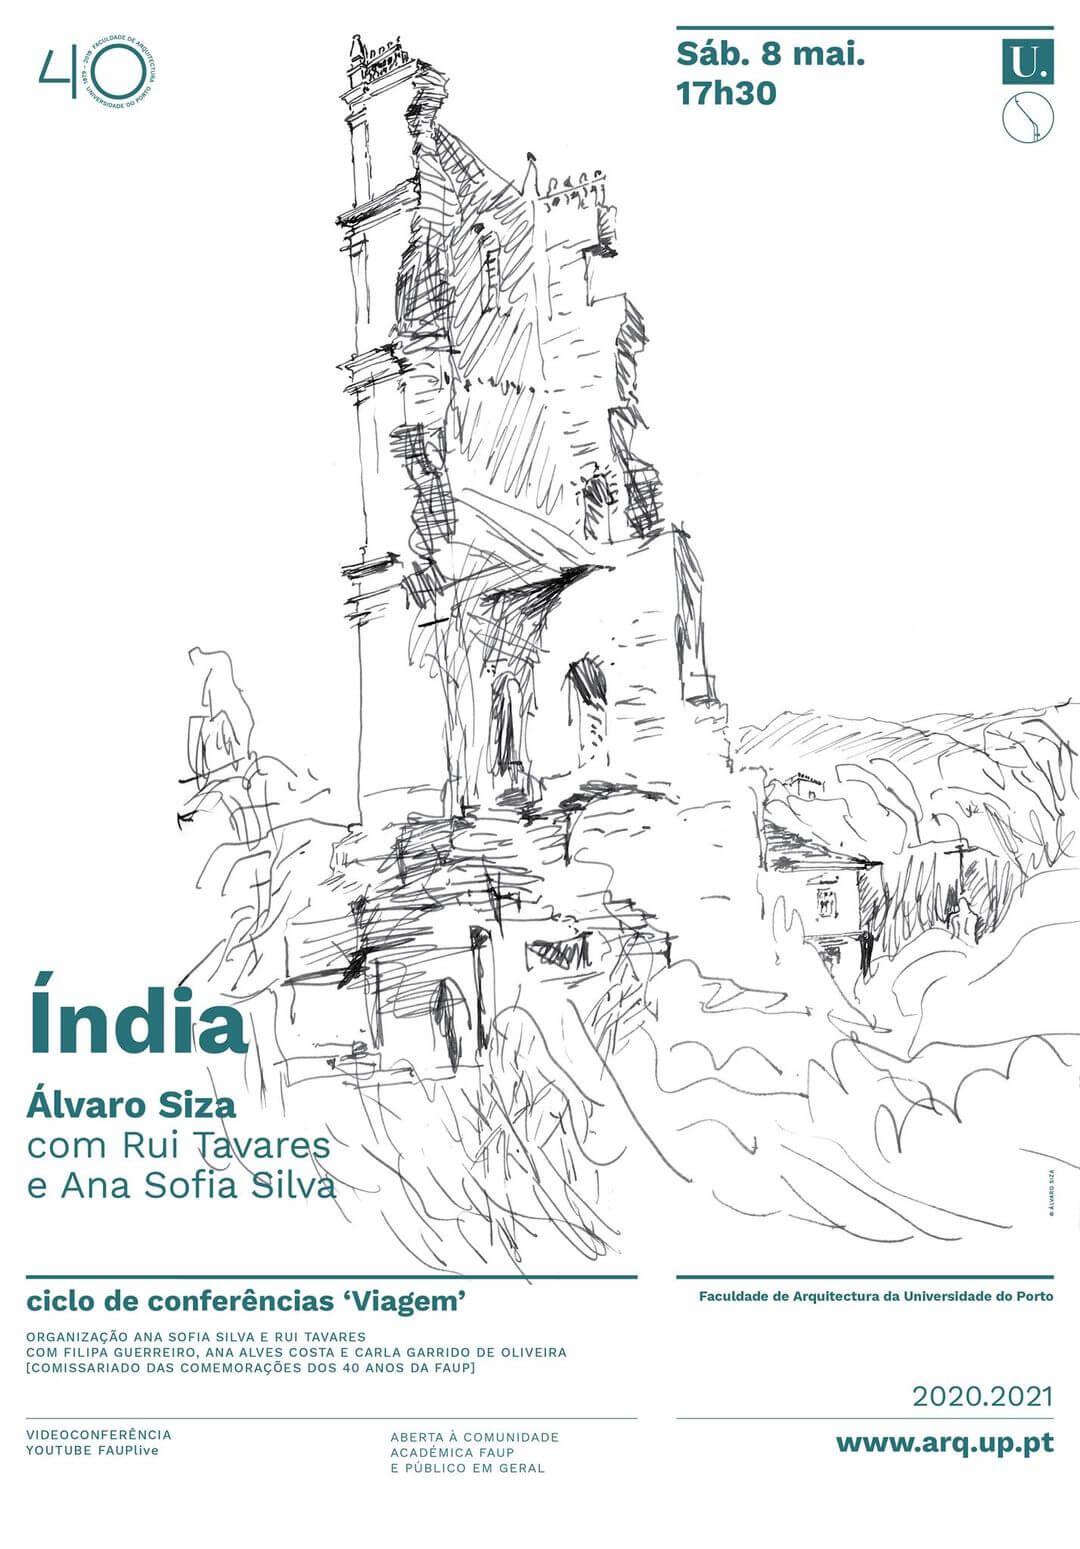 Conferência 'Viagem à Índia' com Álvaro Siza